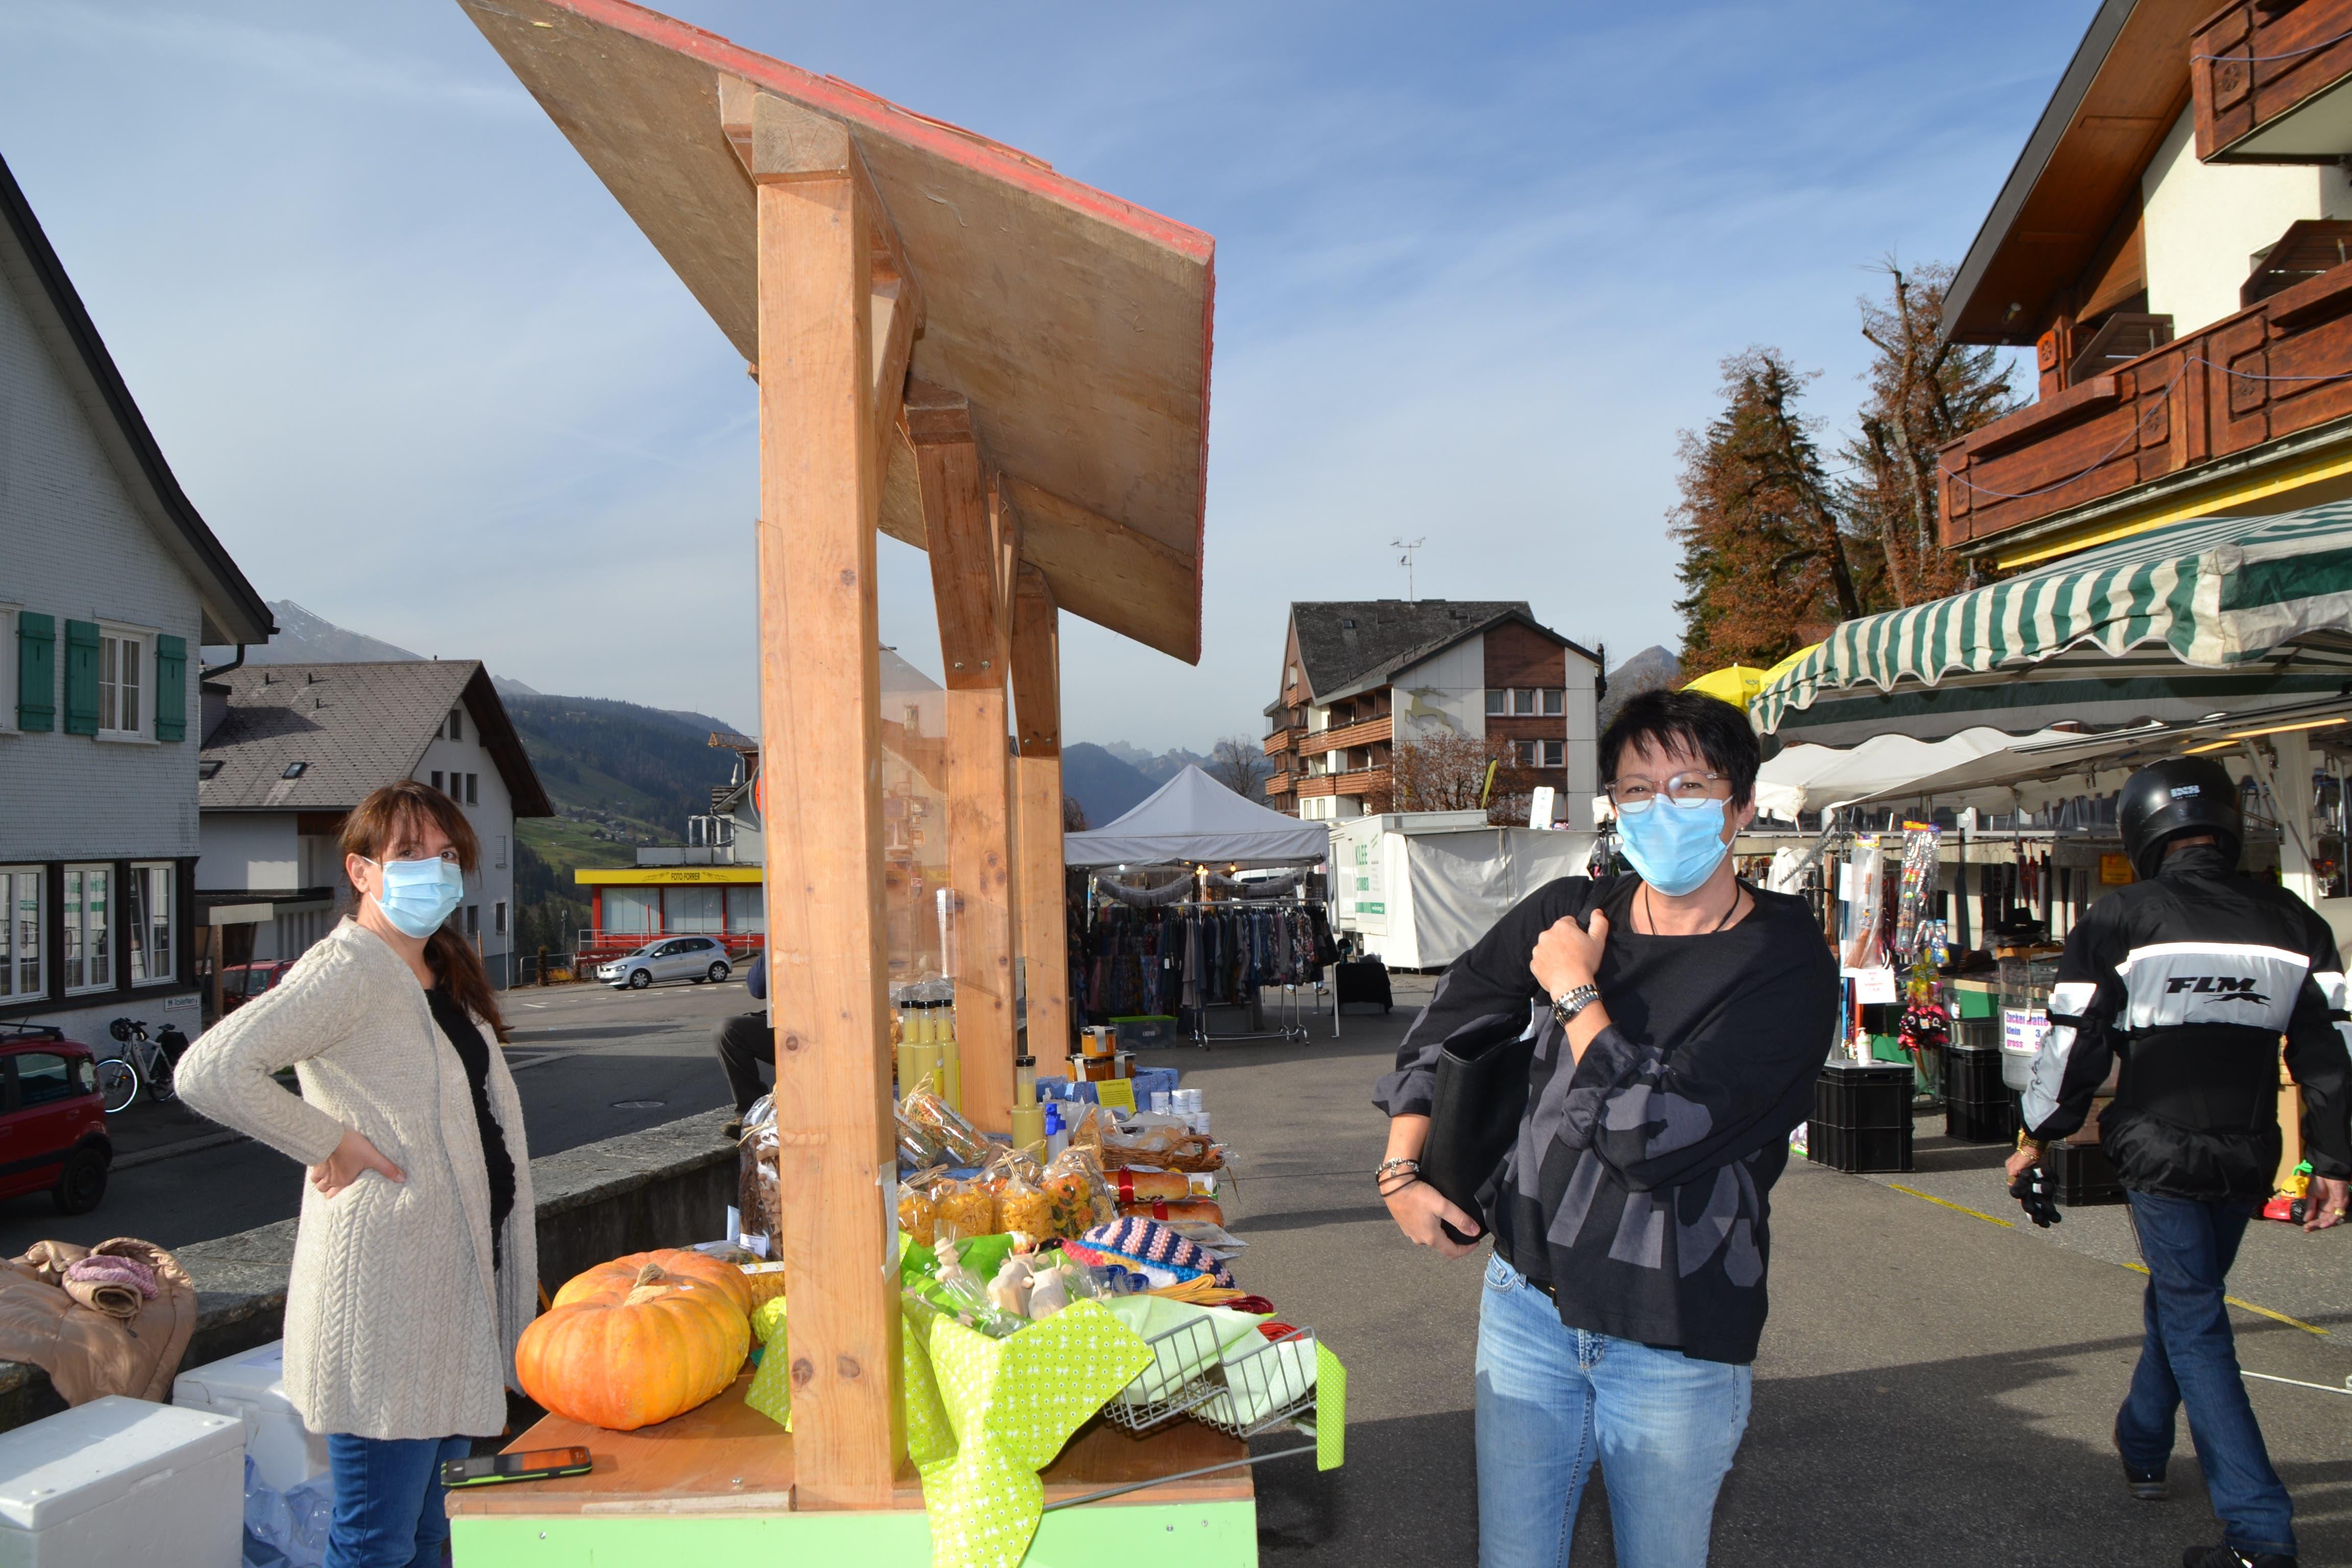 Gute Laune kann auch mit Maske gezeigt werden, wie diese Besucherin bestätigt.